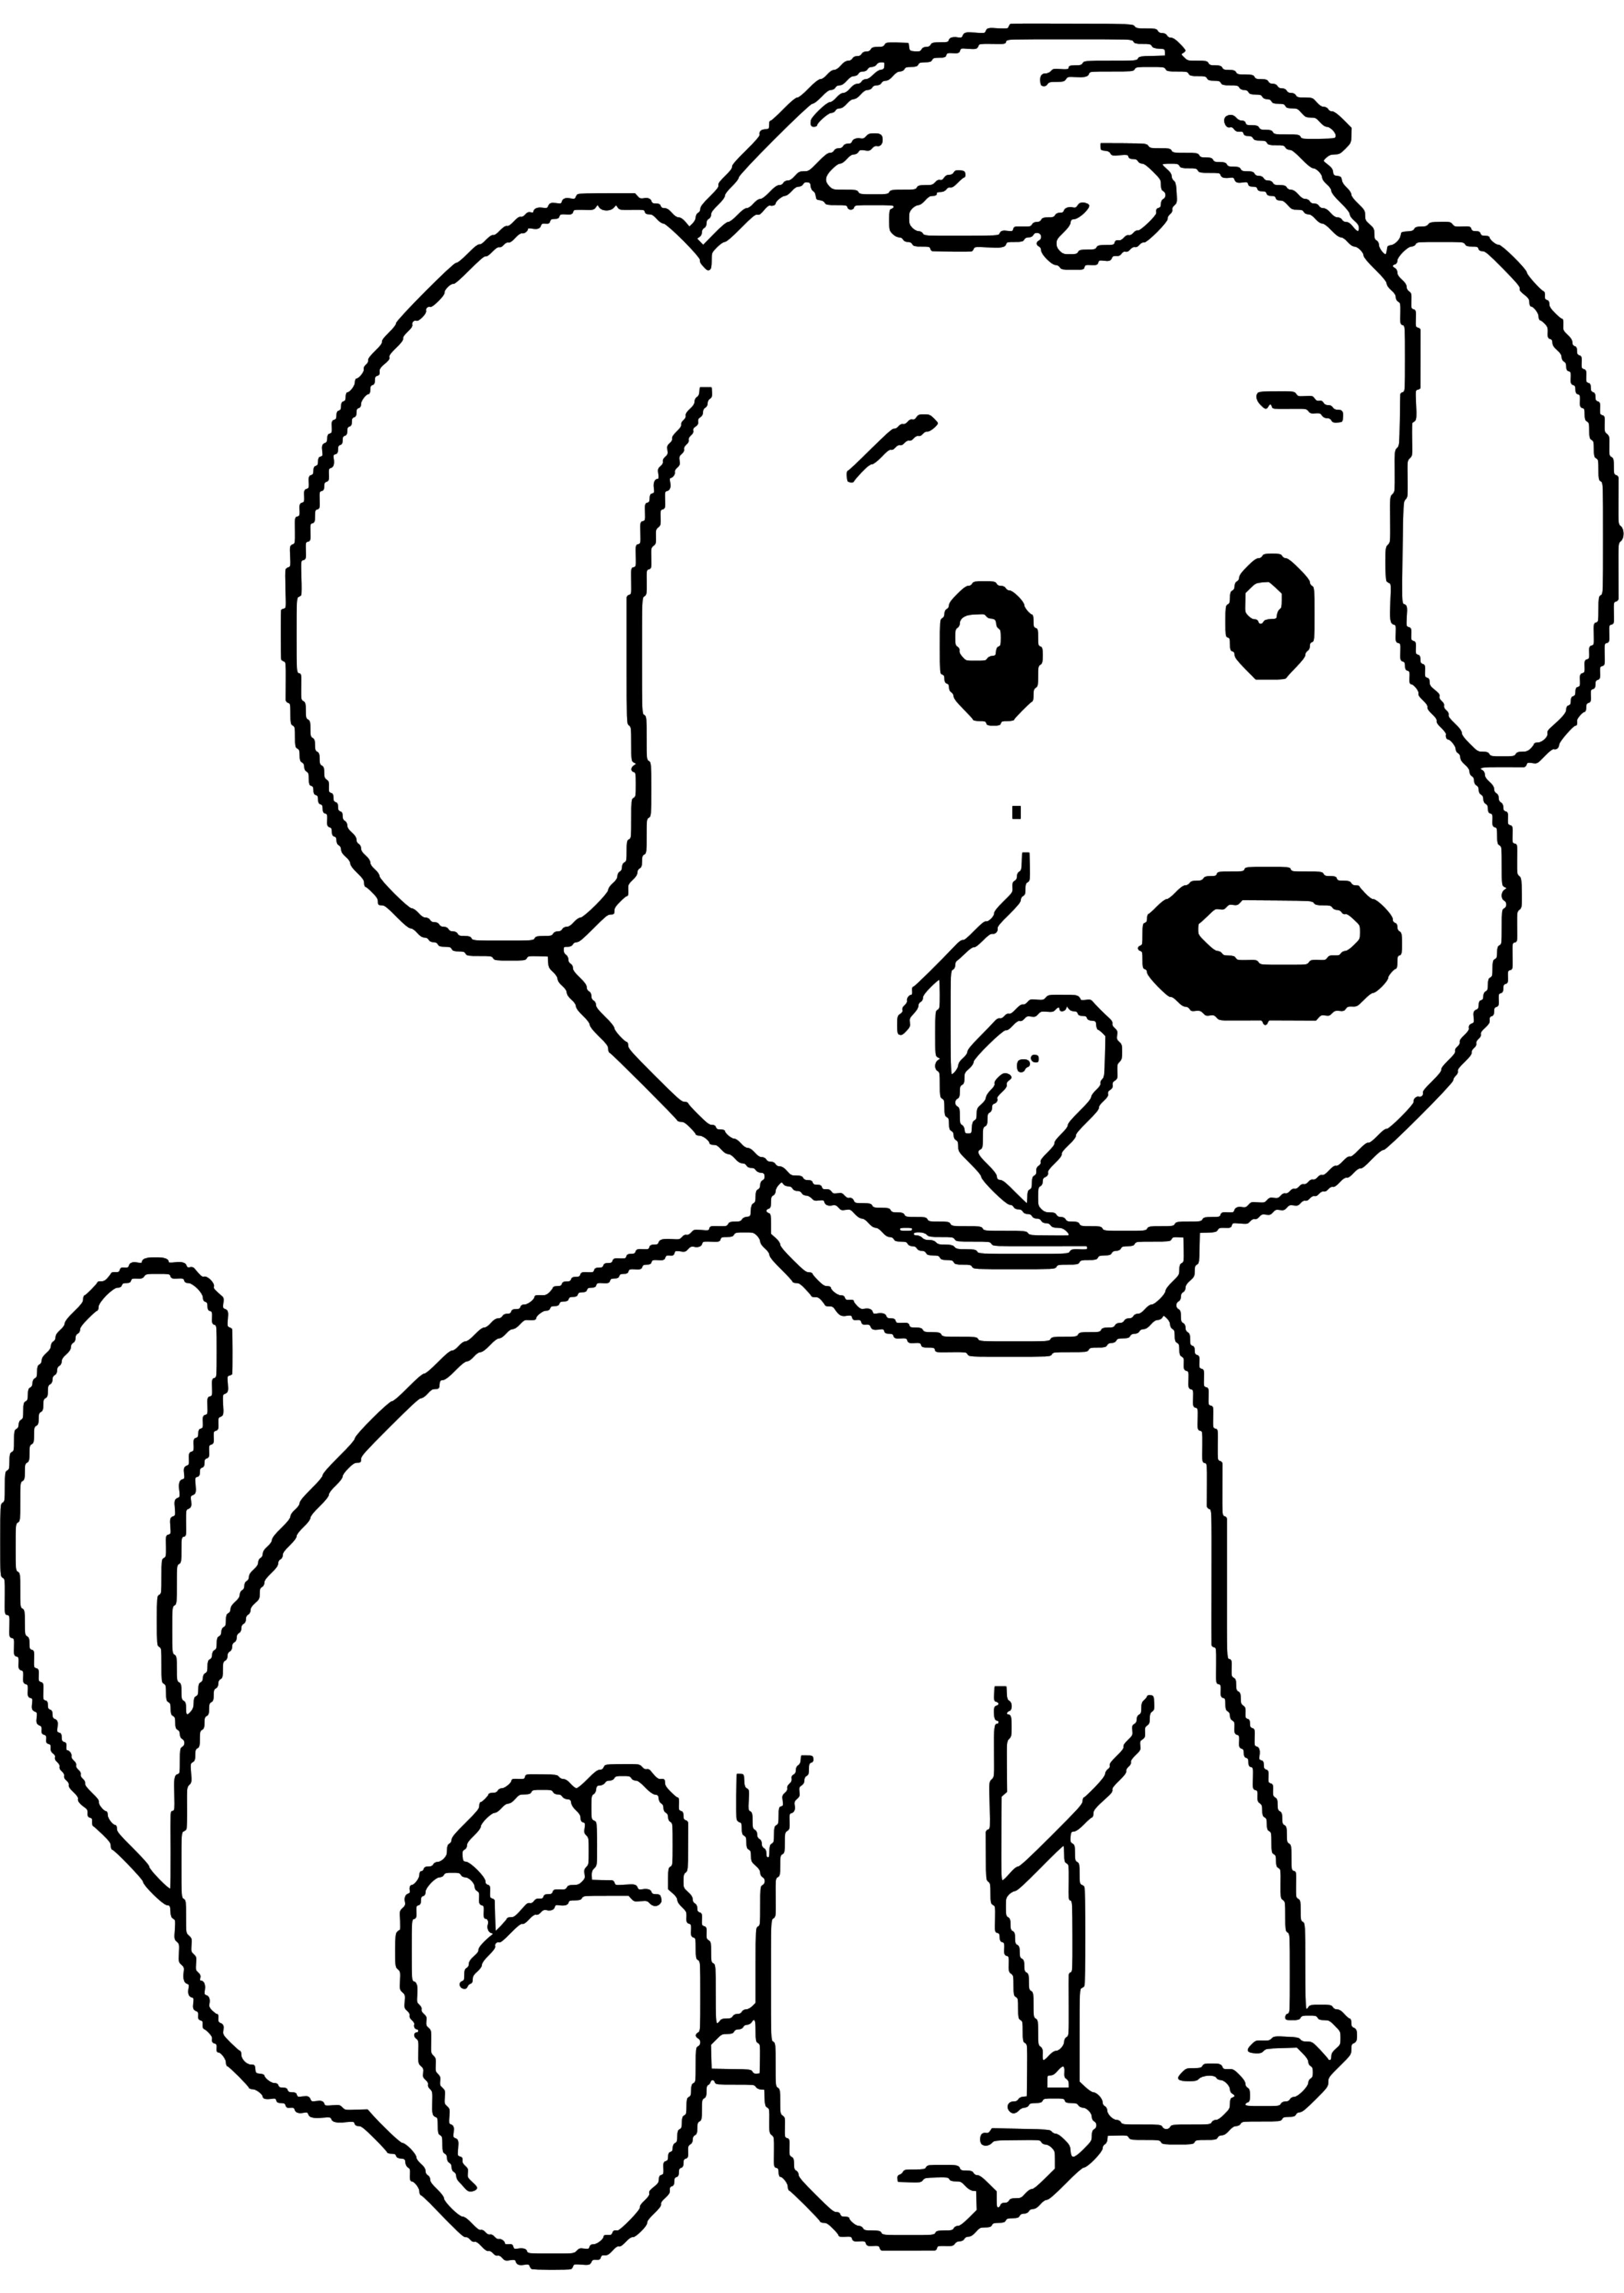 Neu Hund Malen Vorlage Farbung Malvorlagen Malvorlagenfurkinder Ausmalbilder Tiere Malvorlagen Tiere Ausmalbilder